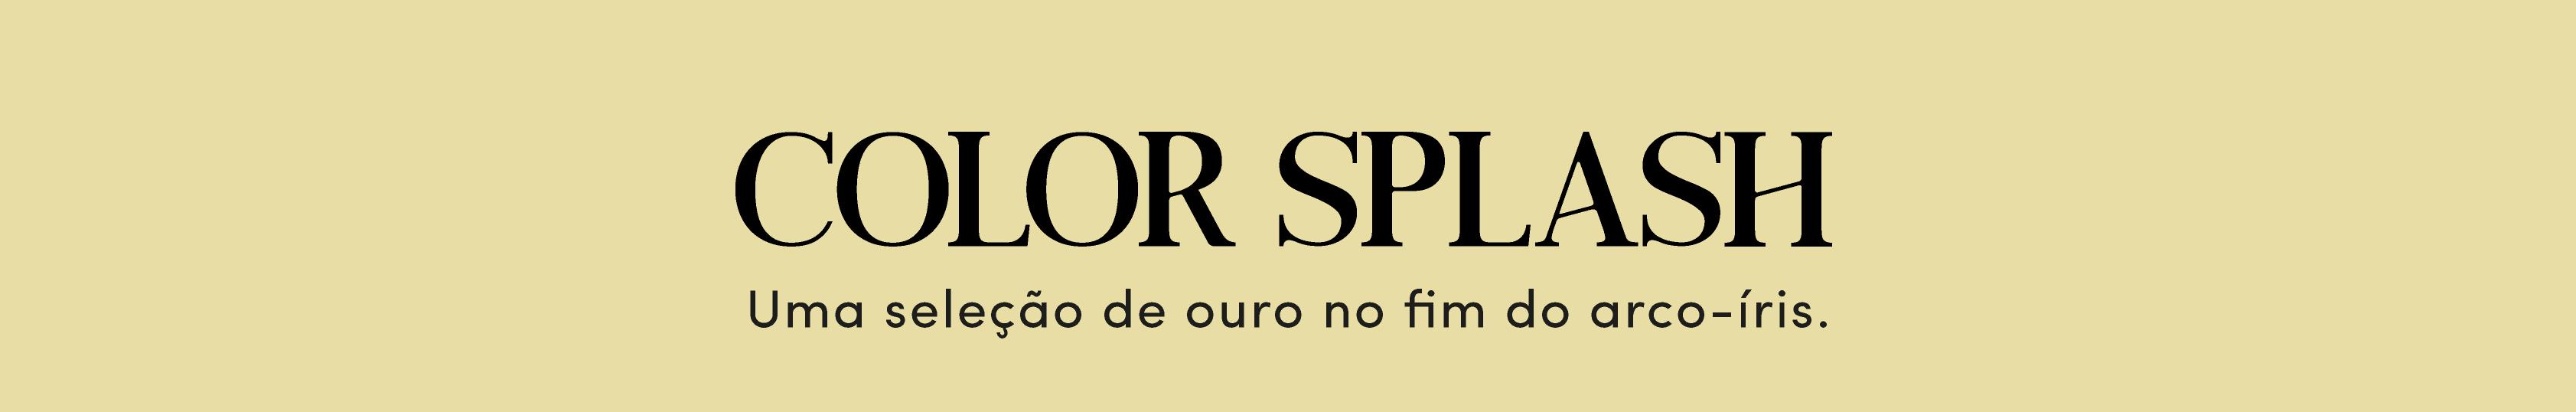 Banner Color Splash